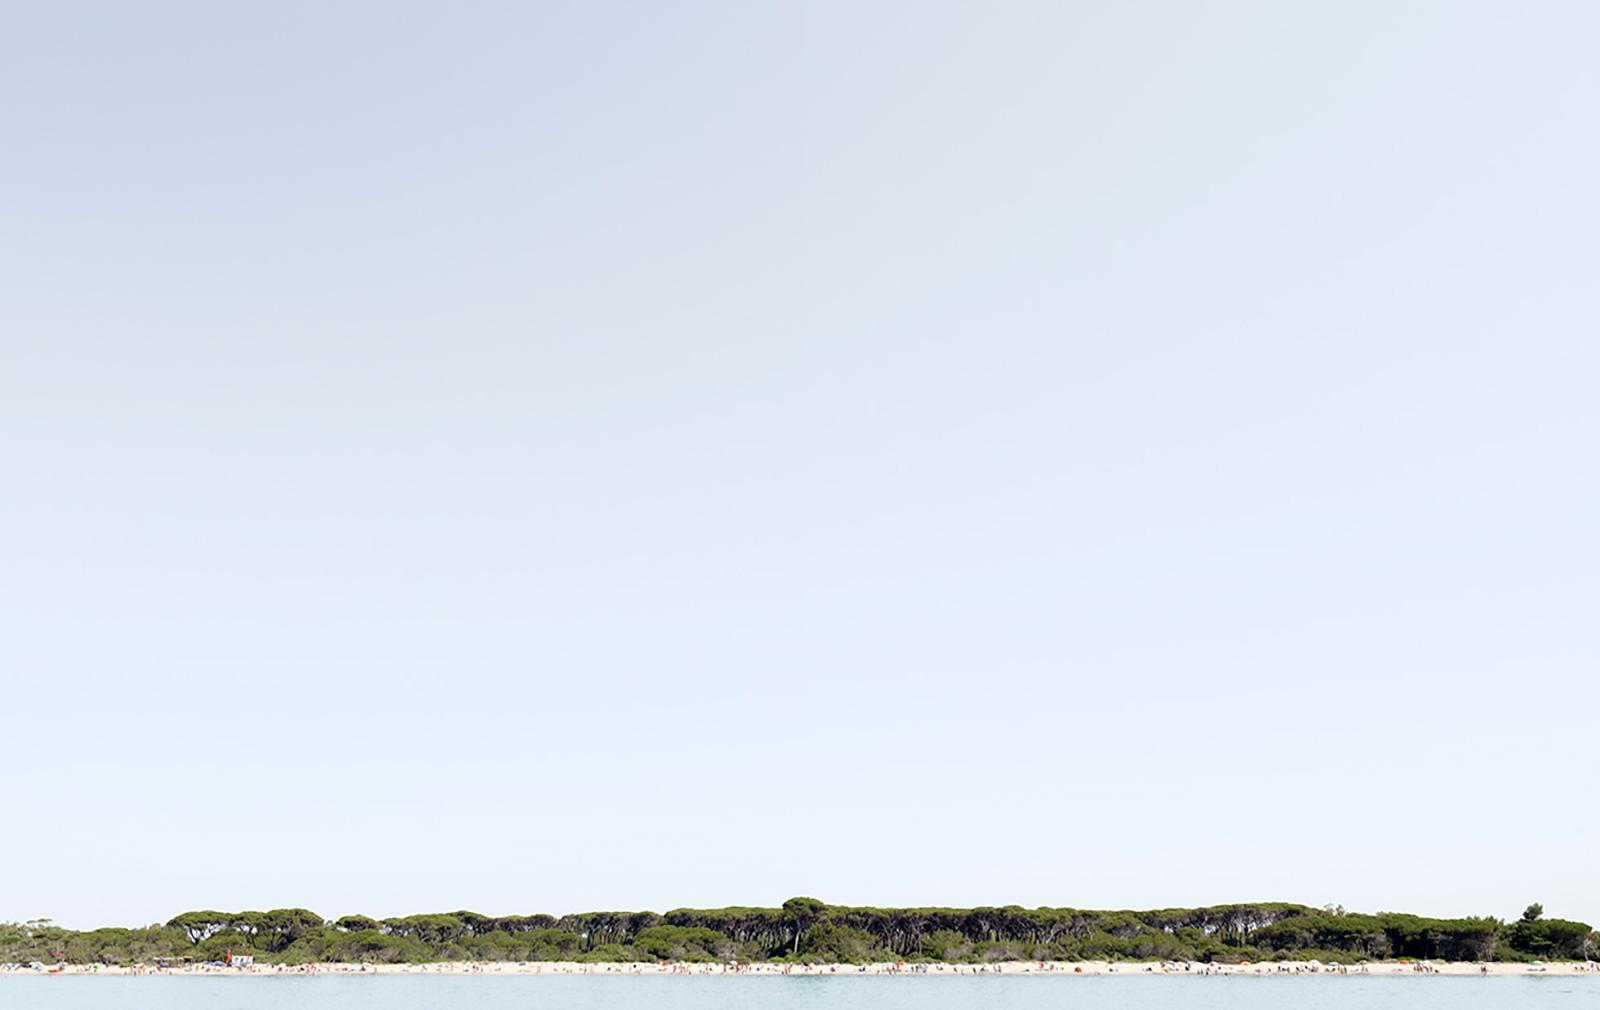 Landscape Sterpaia II, 2016